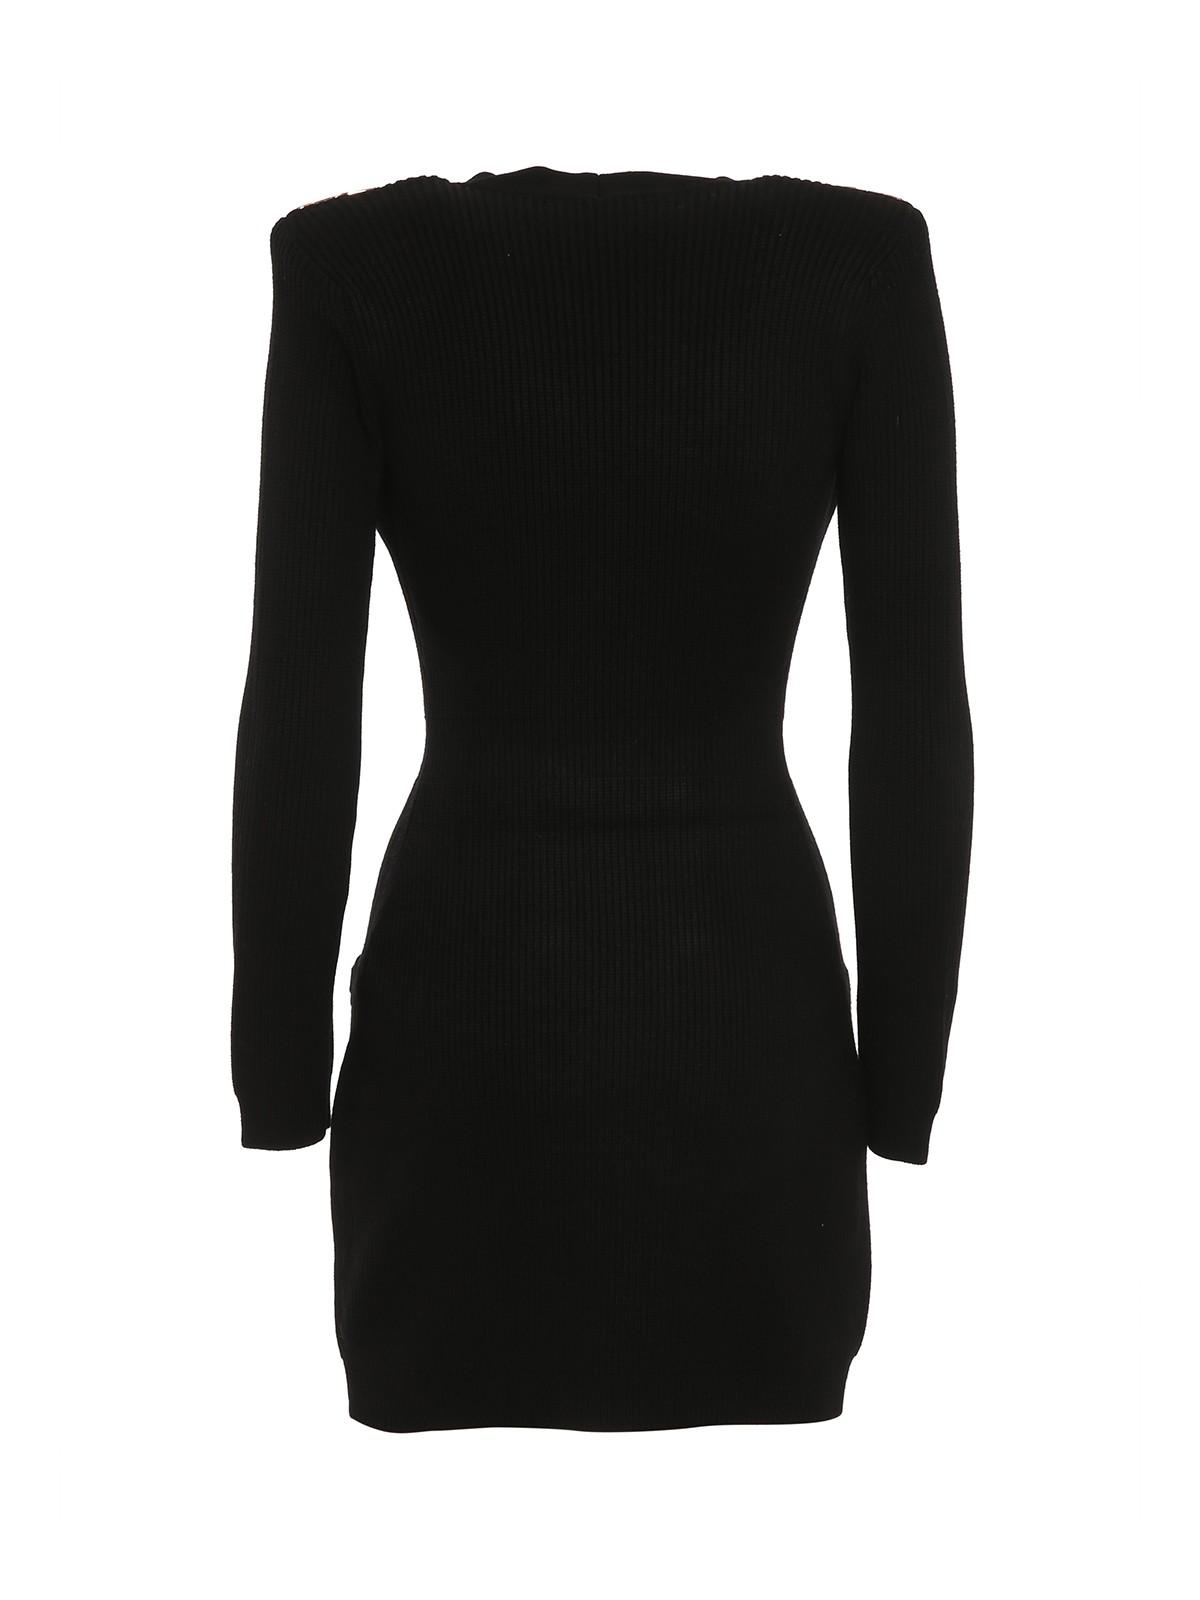 Abito corto donna nero con bottoni in oro Elisabetta Franchi   AM41S16E2110